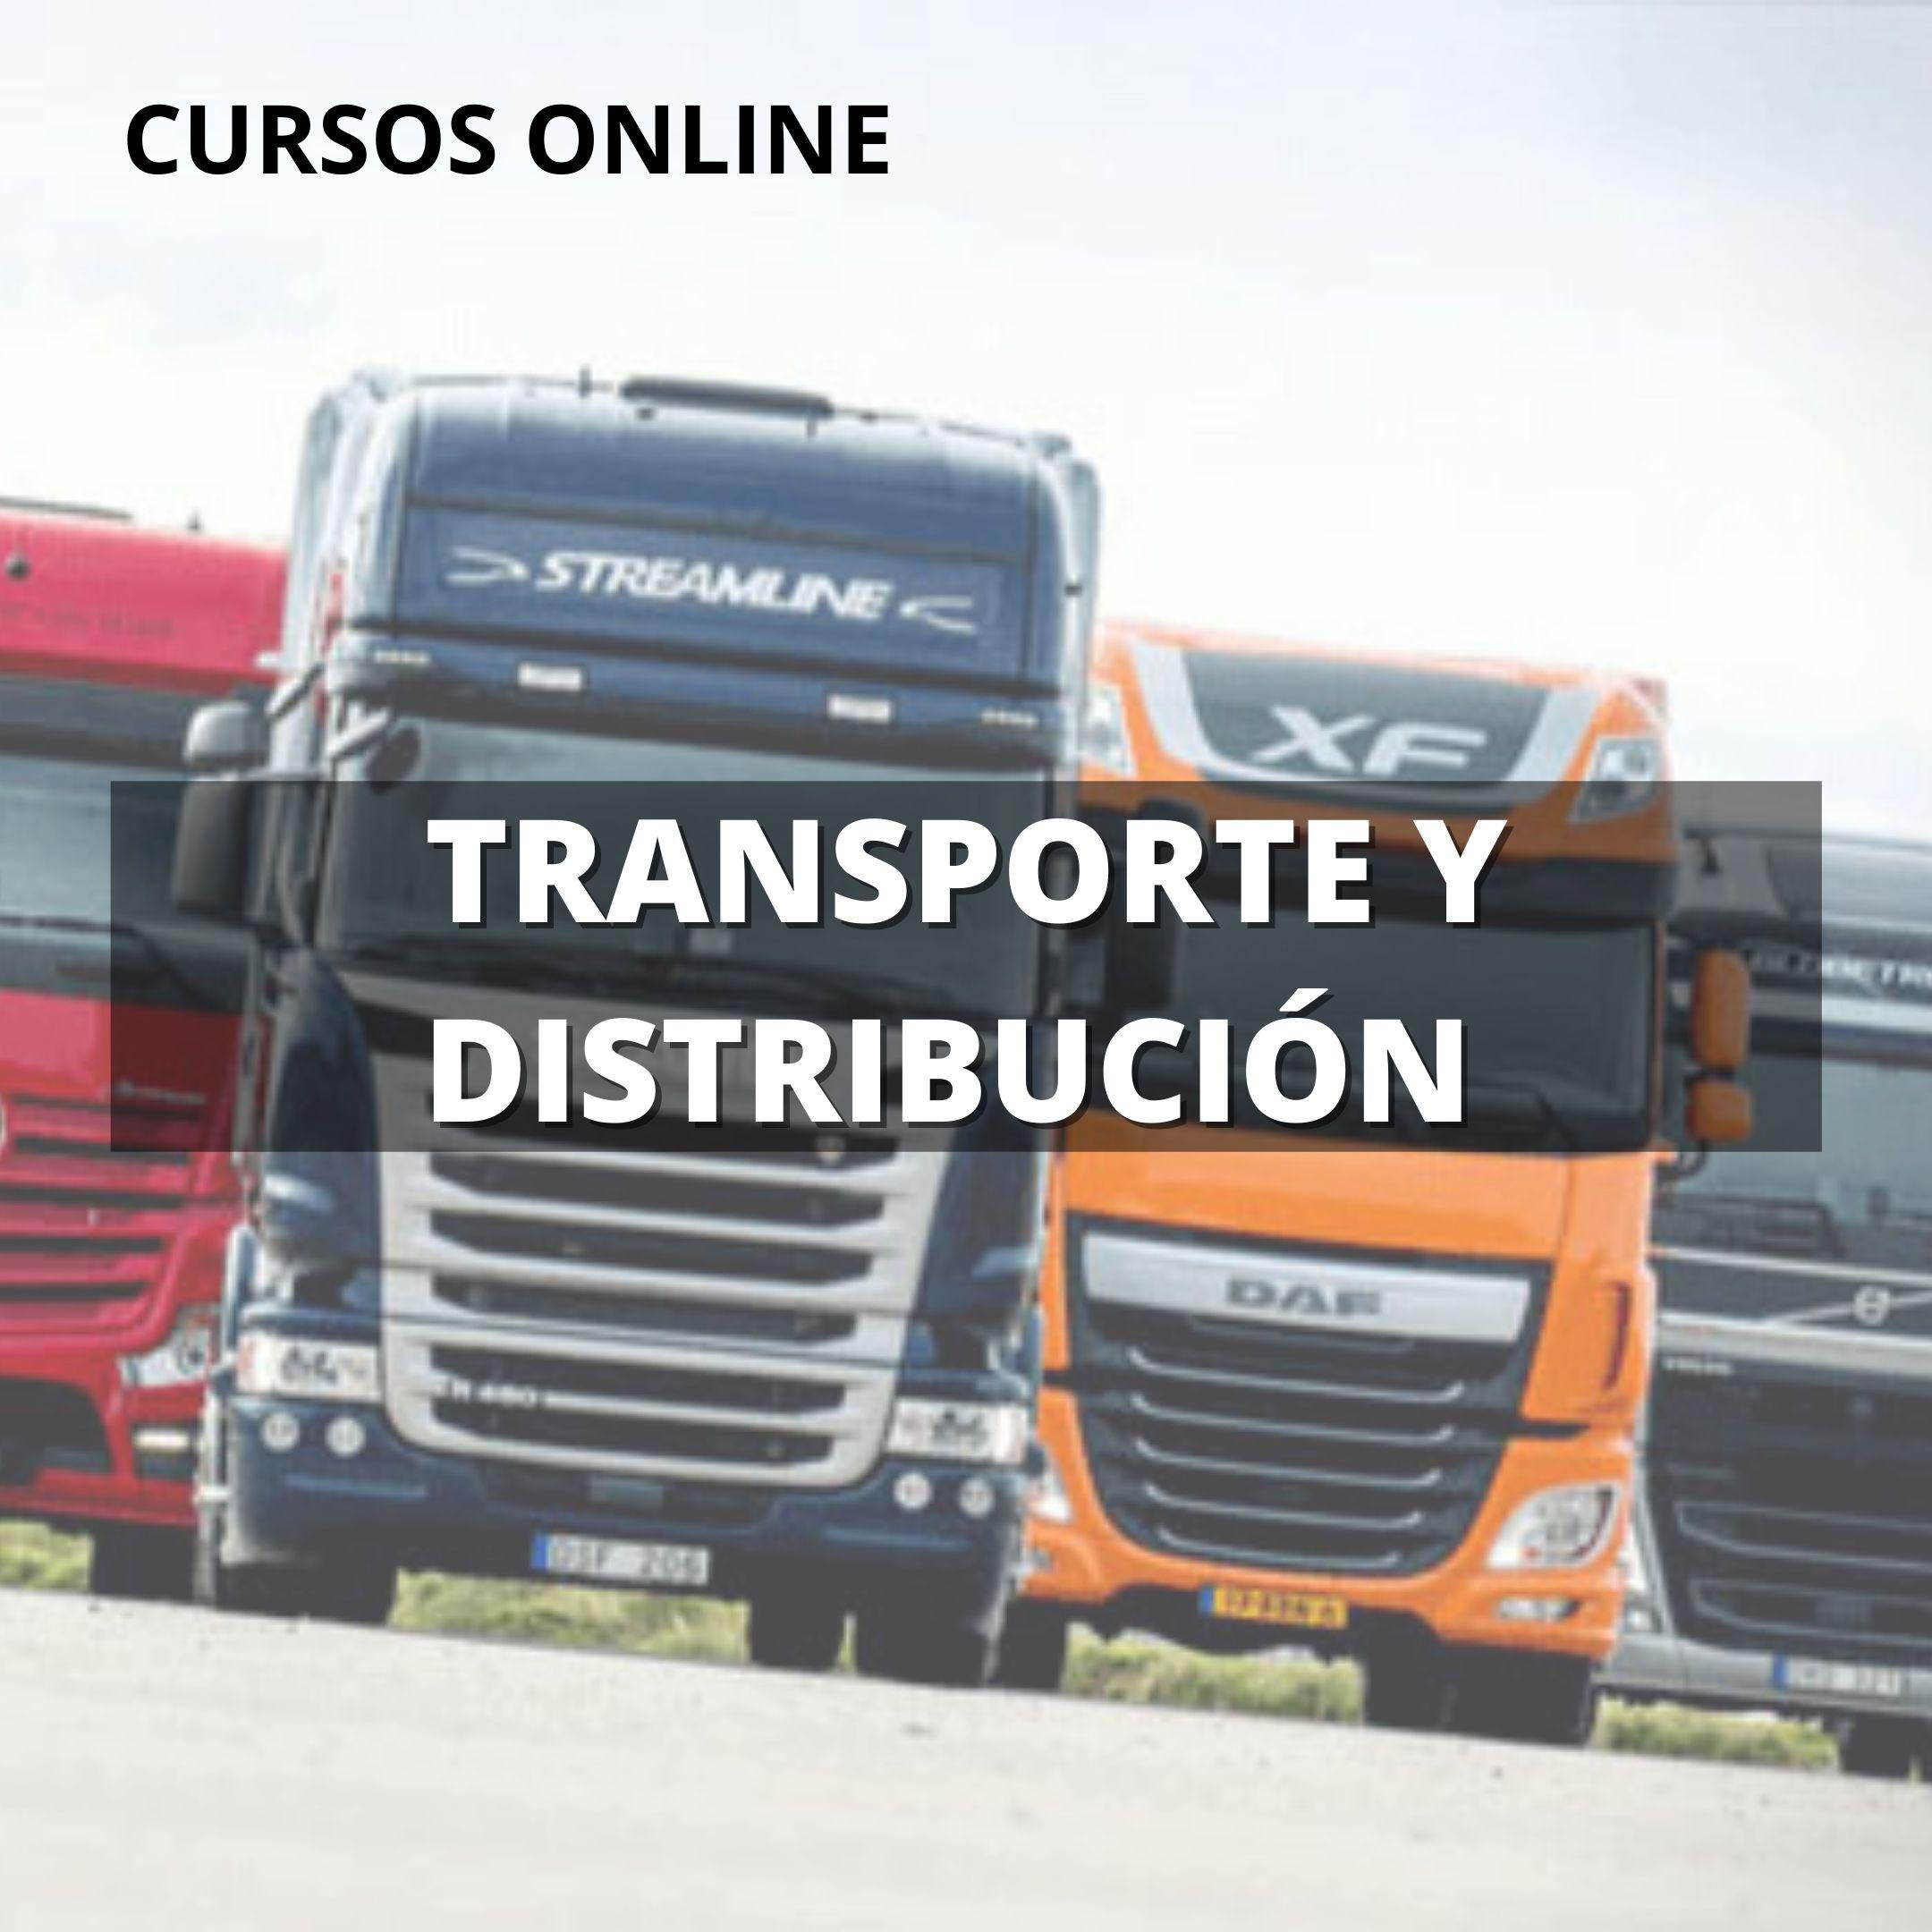 cursos online de transporte y distribución